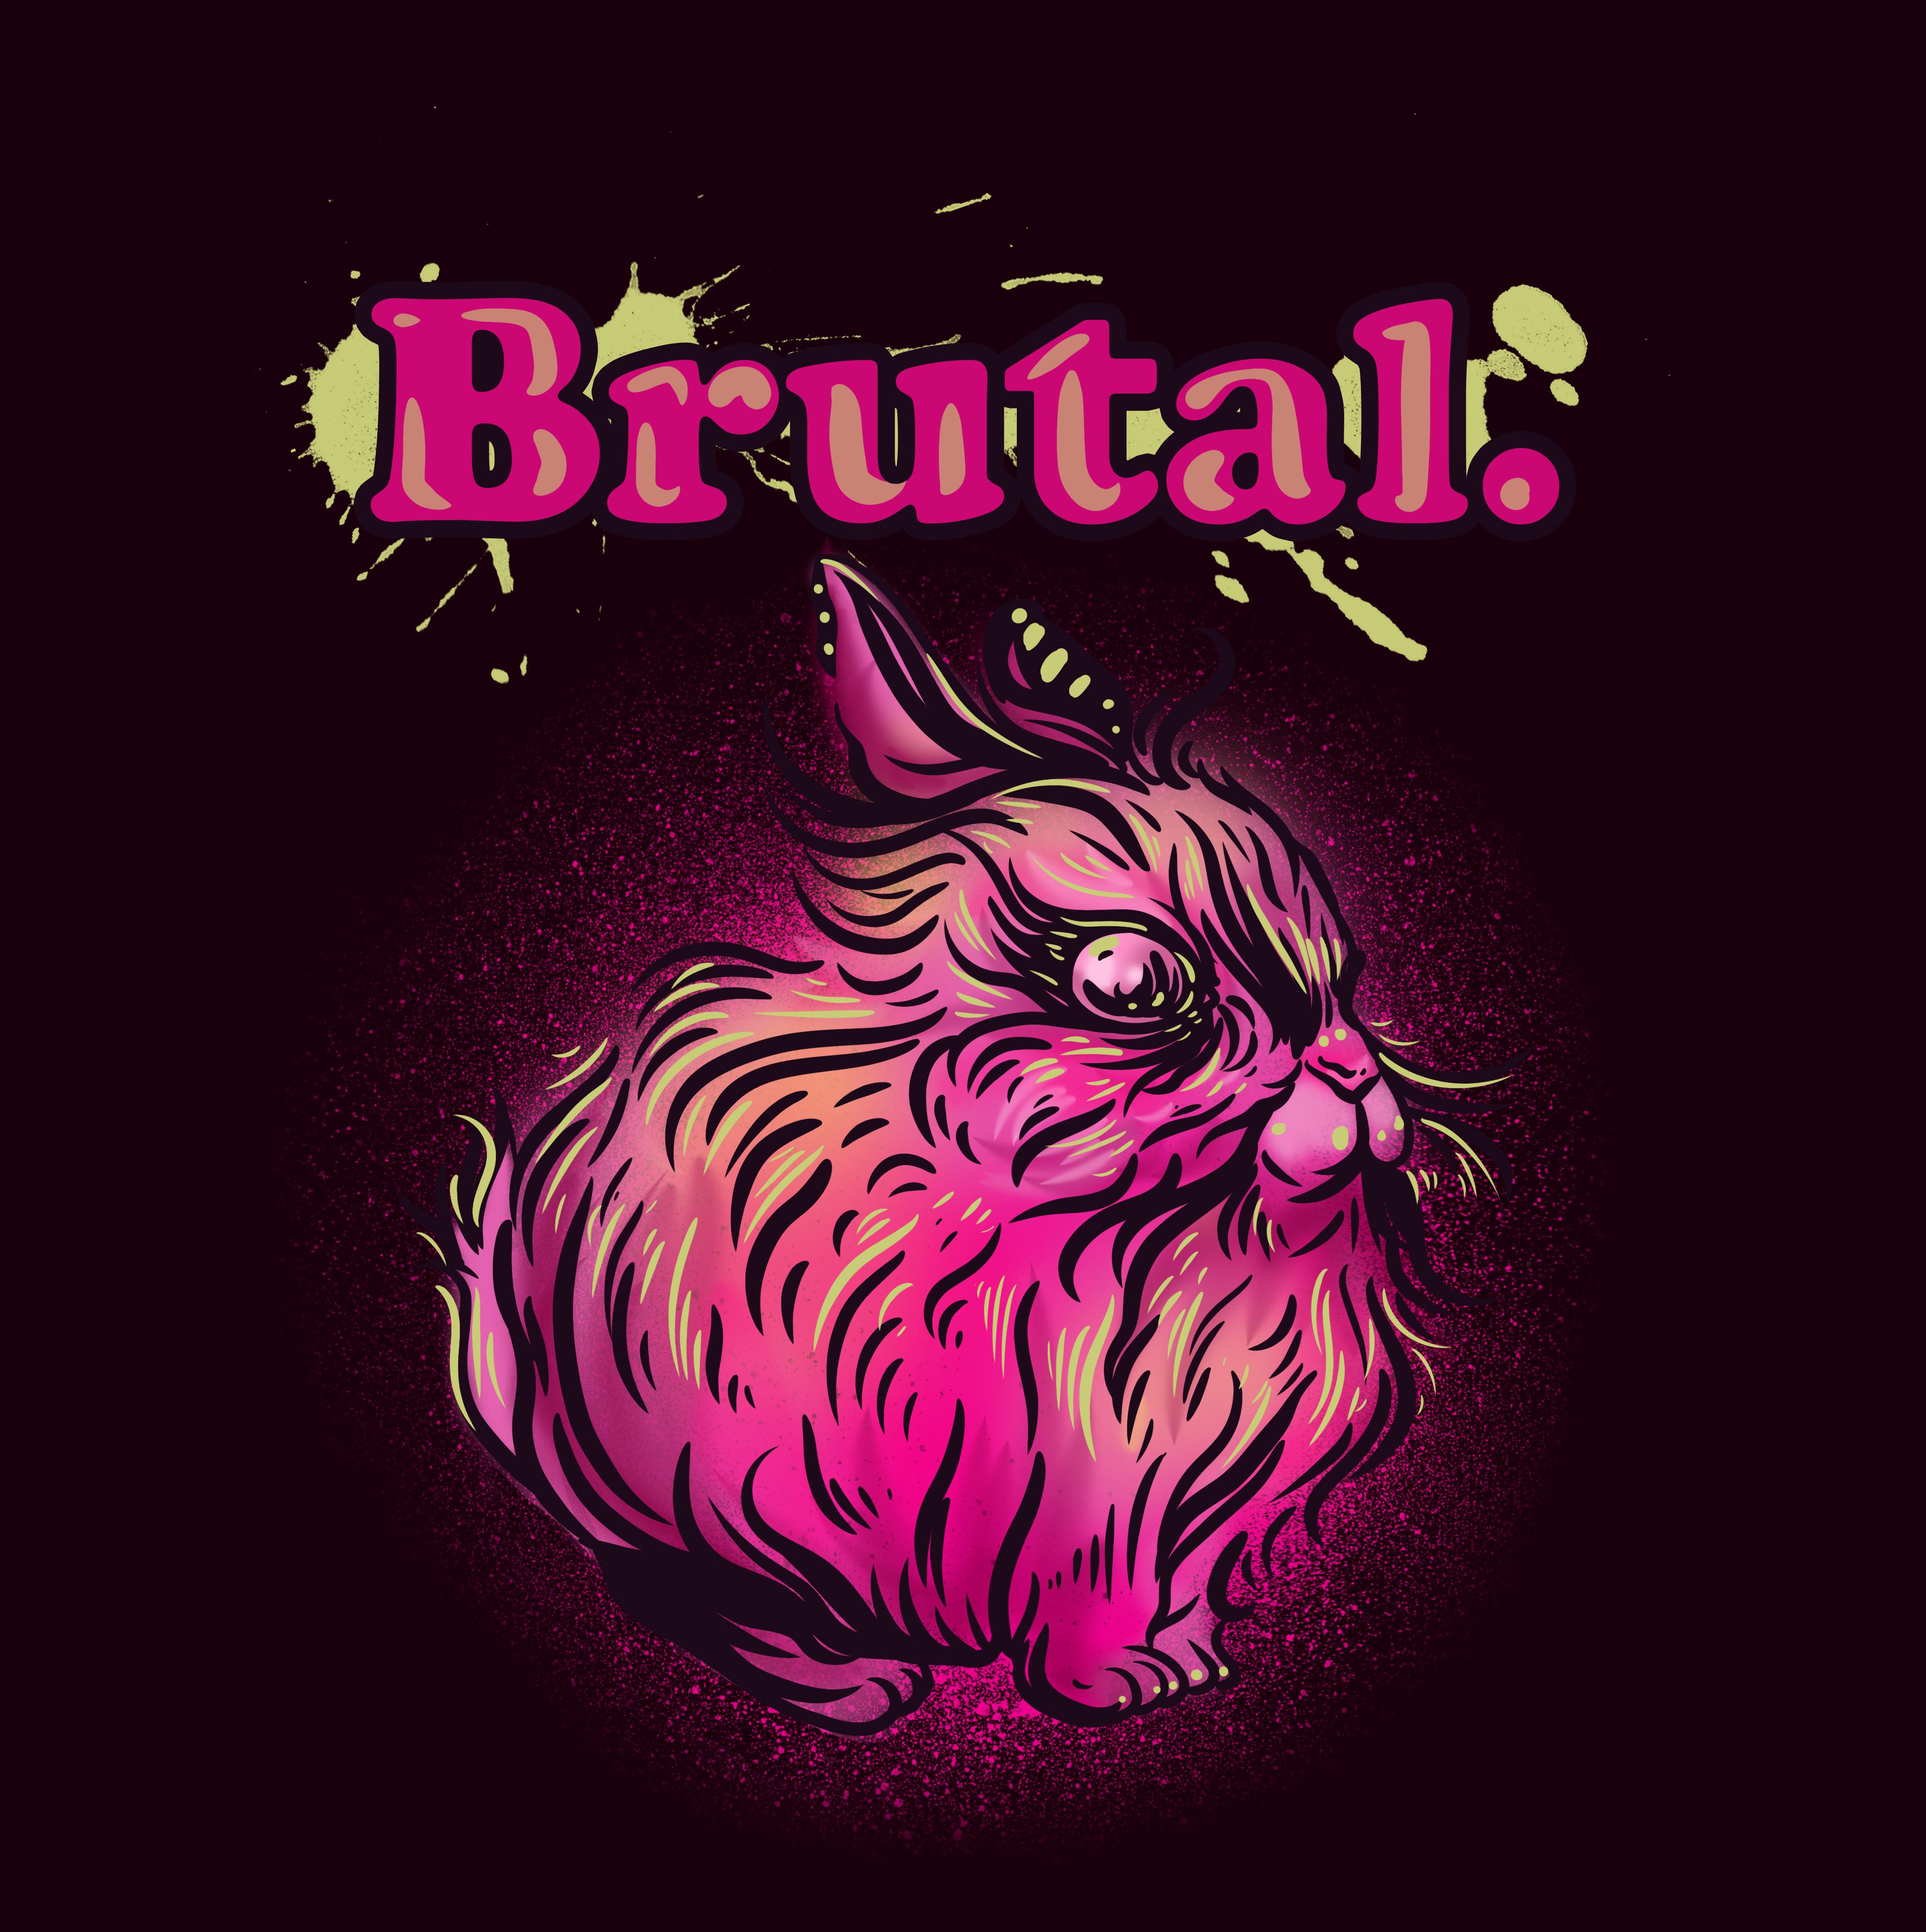 Chubby Bunny - Brutal